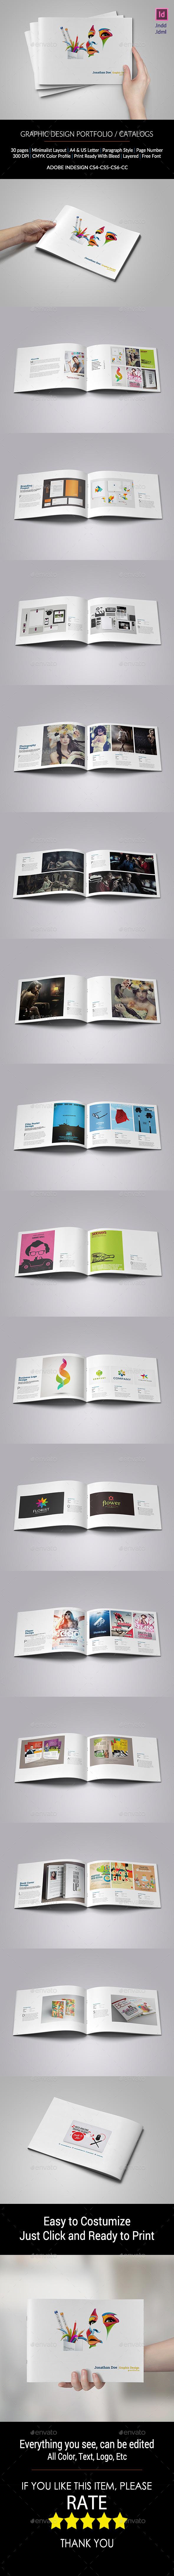 Graphic Design Portfolio - Catalogs Brochures